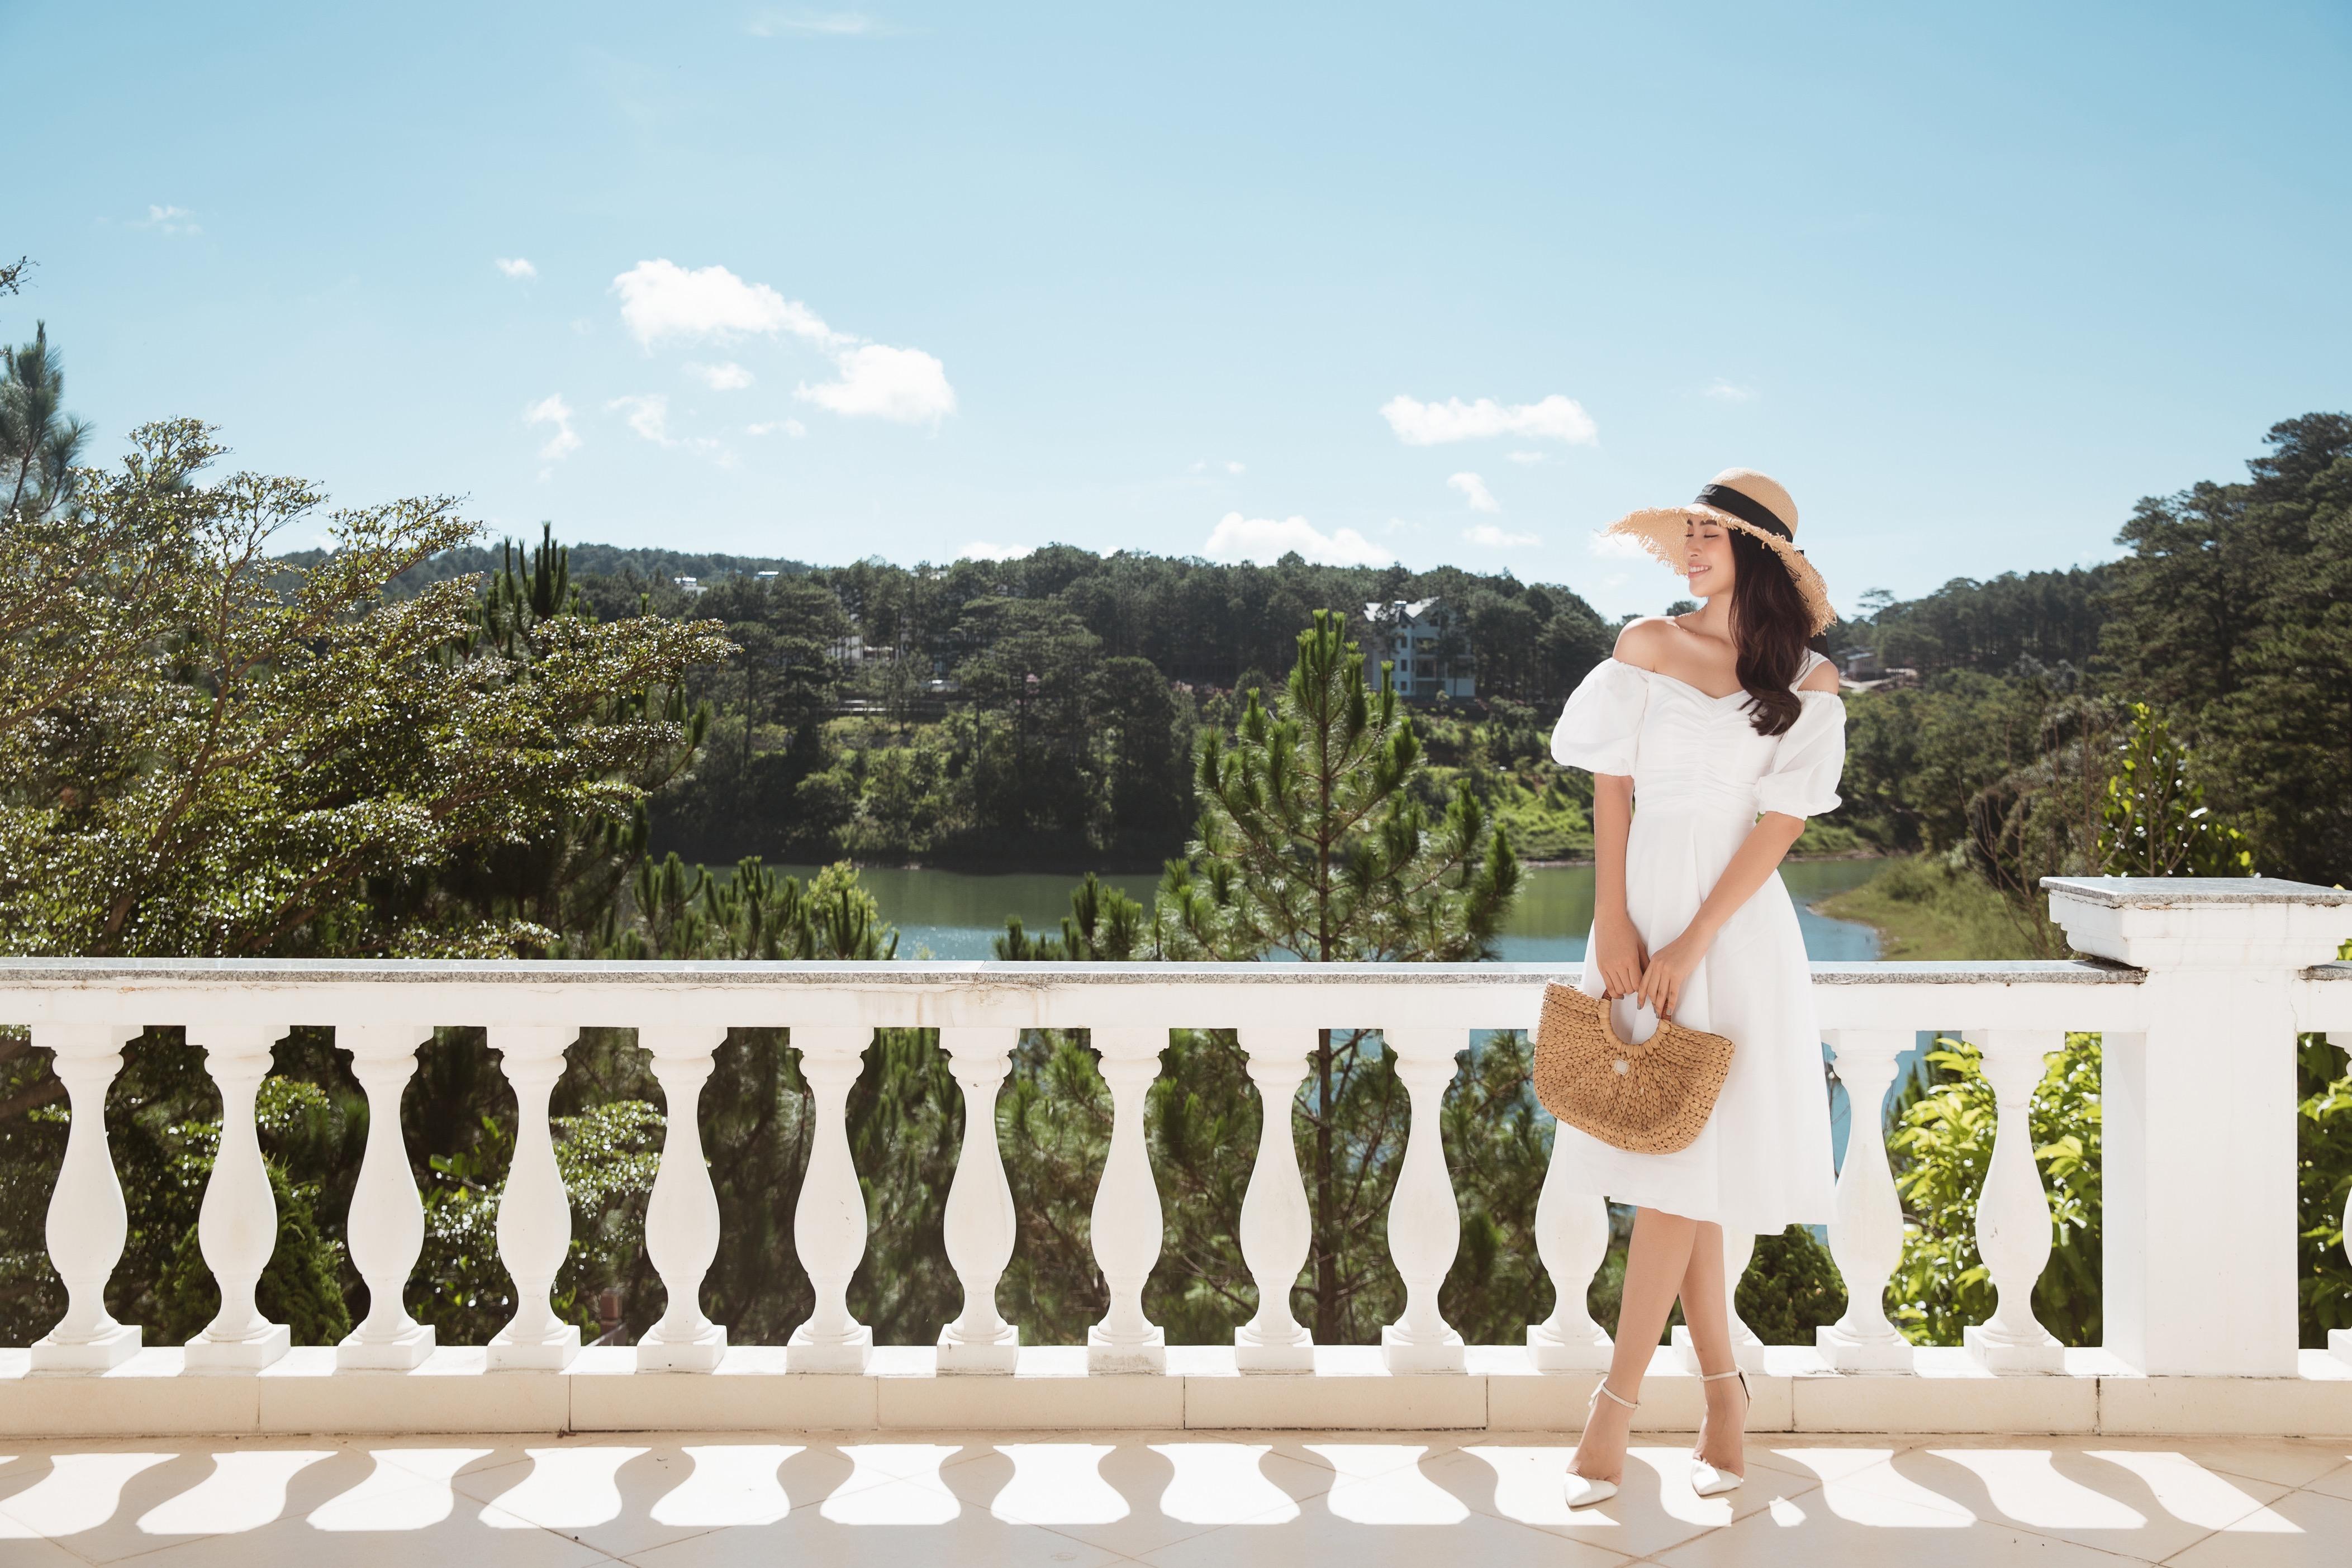 (Tiếng Việt) Tiểu Vy quay trở lại nghỉ dưỡng tại SAM Tuyền Lâm Golf & Resorts Đà Lạt